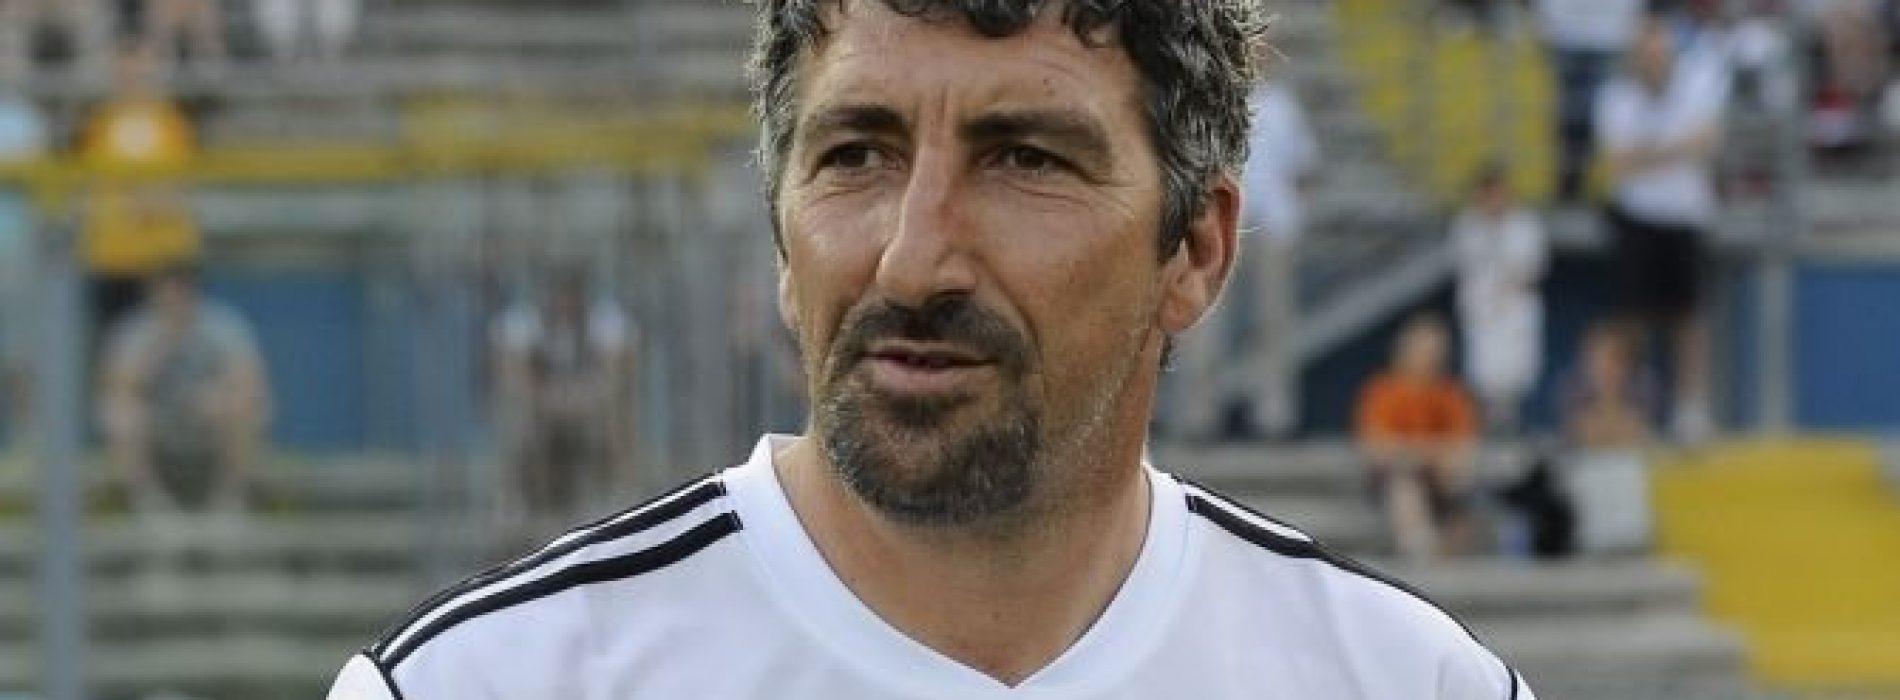 """Dario Hubner: """"Brescia e Balotelli non sono riusciti a integrarsi. Tonali non è Pirlo. Zapata? Gli consiglierei di non lasciare l'Atalanta"""""""